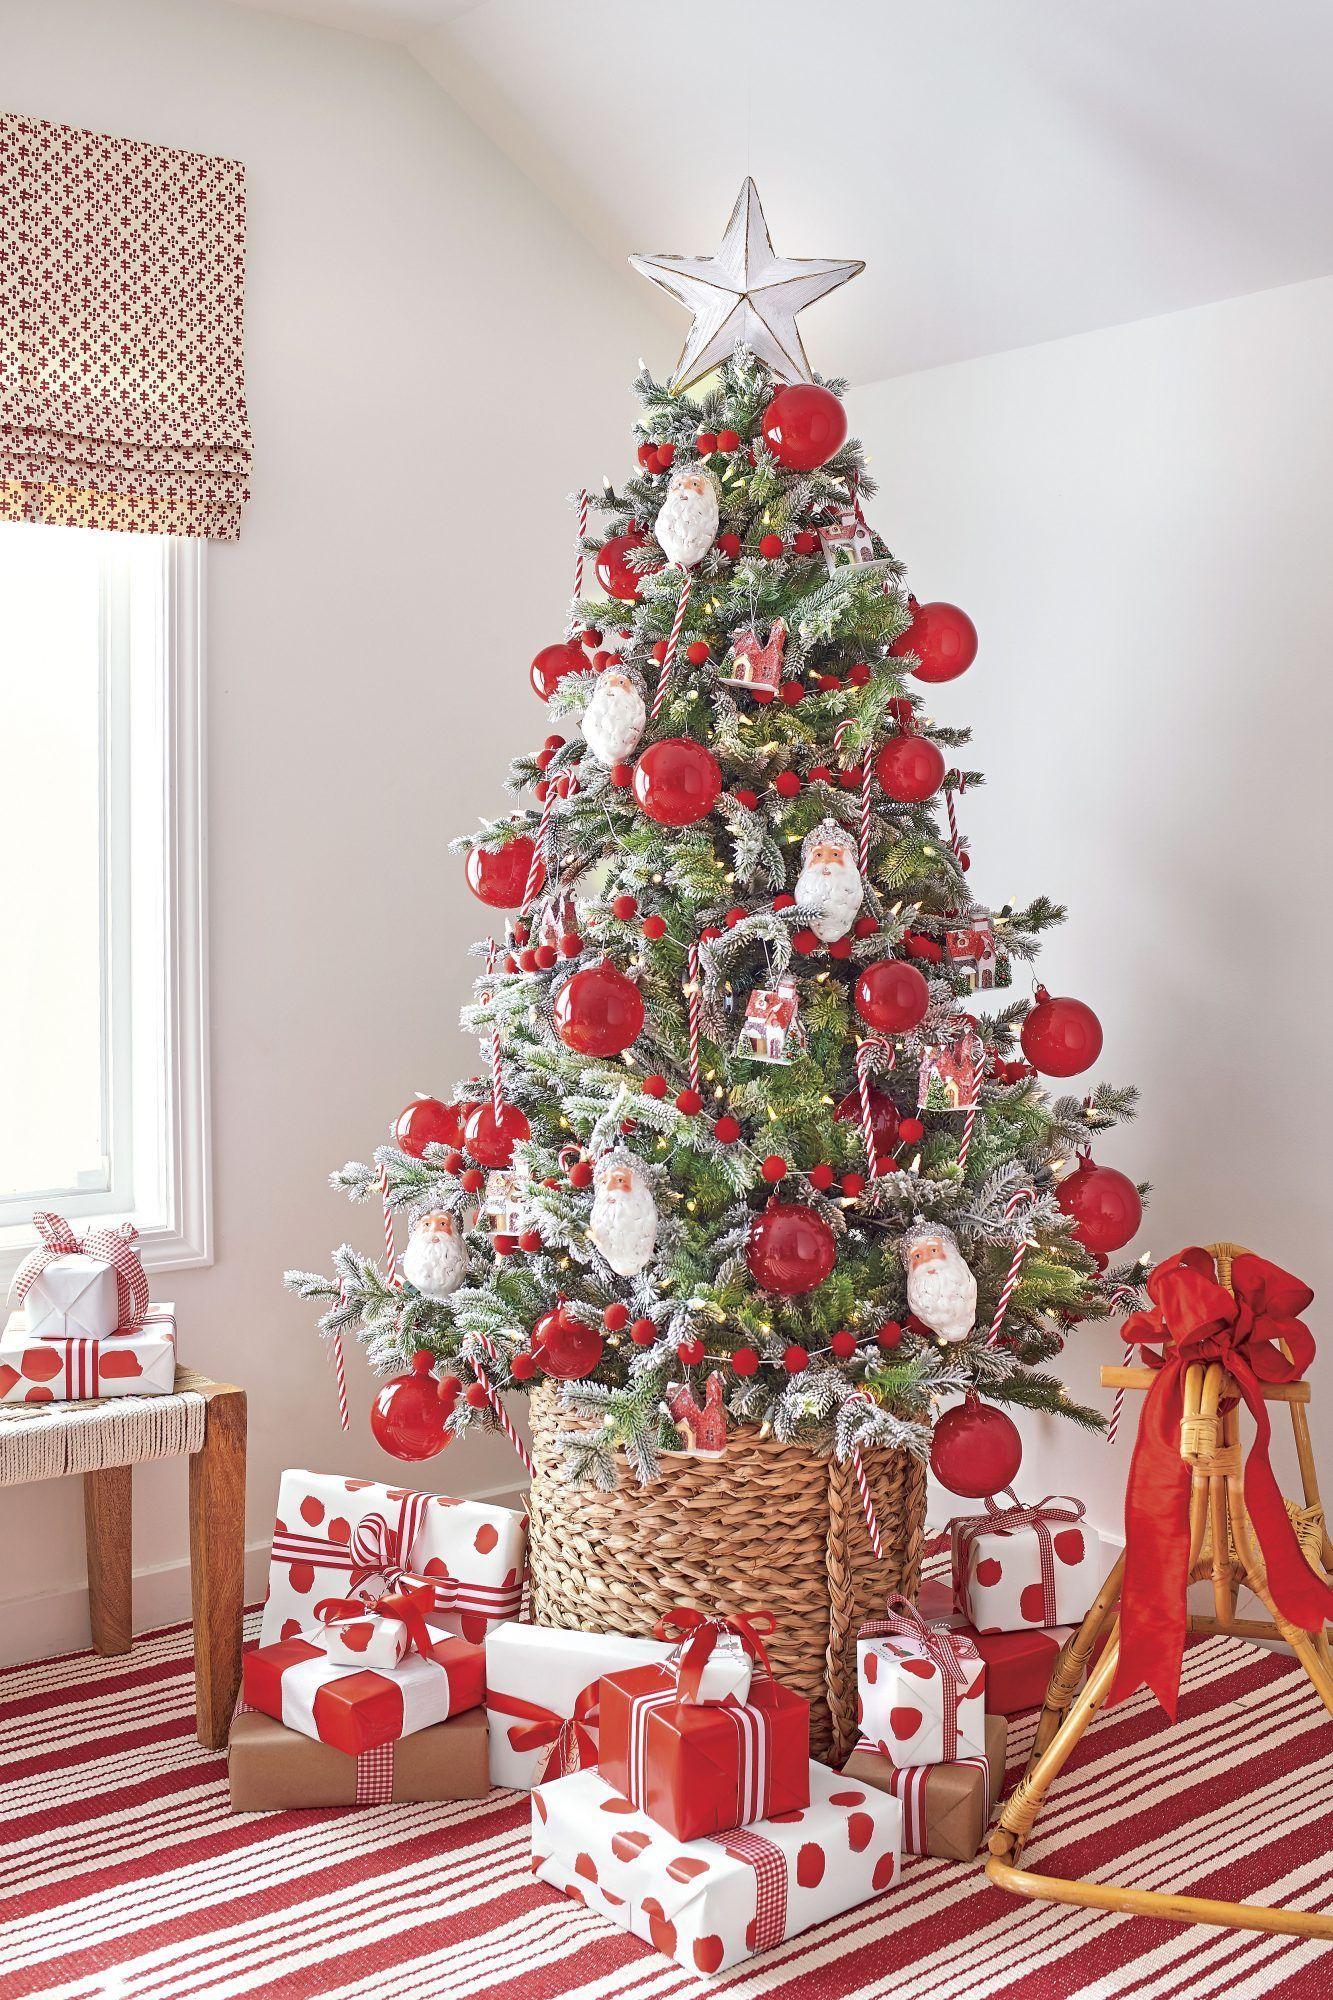 40 Christmas Tree Decoration Ideas And Christmas Trees Photos In 2020 Christmas Tree Christmas Tree Inspiration Christmas